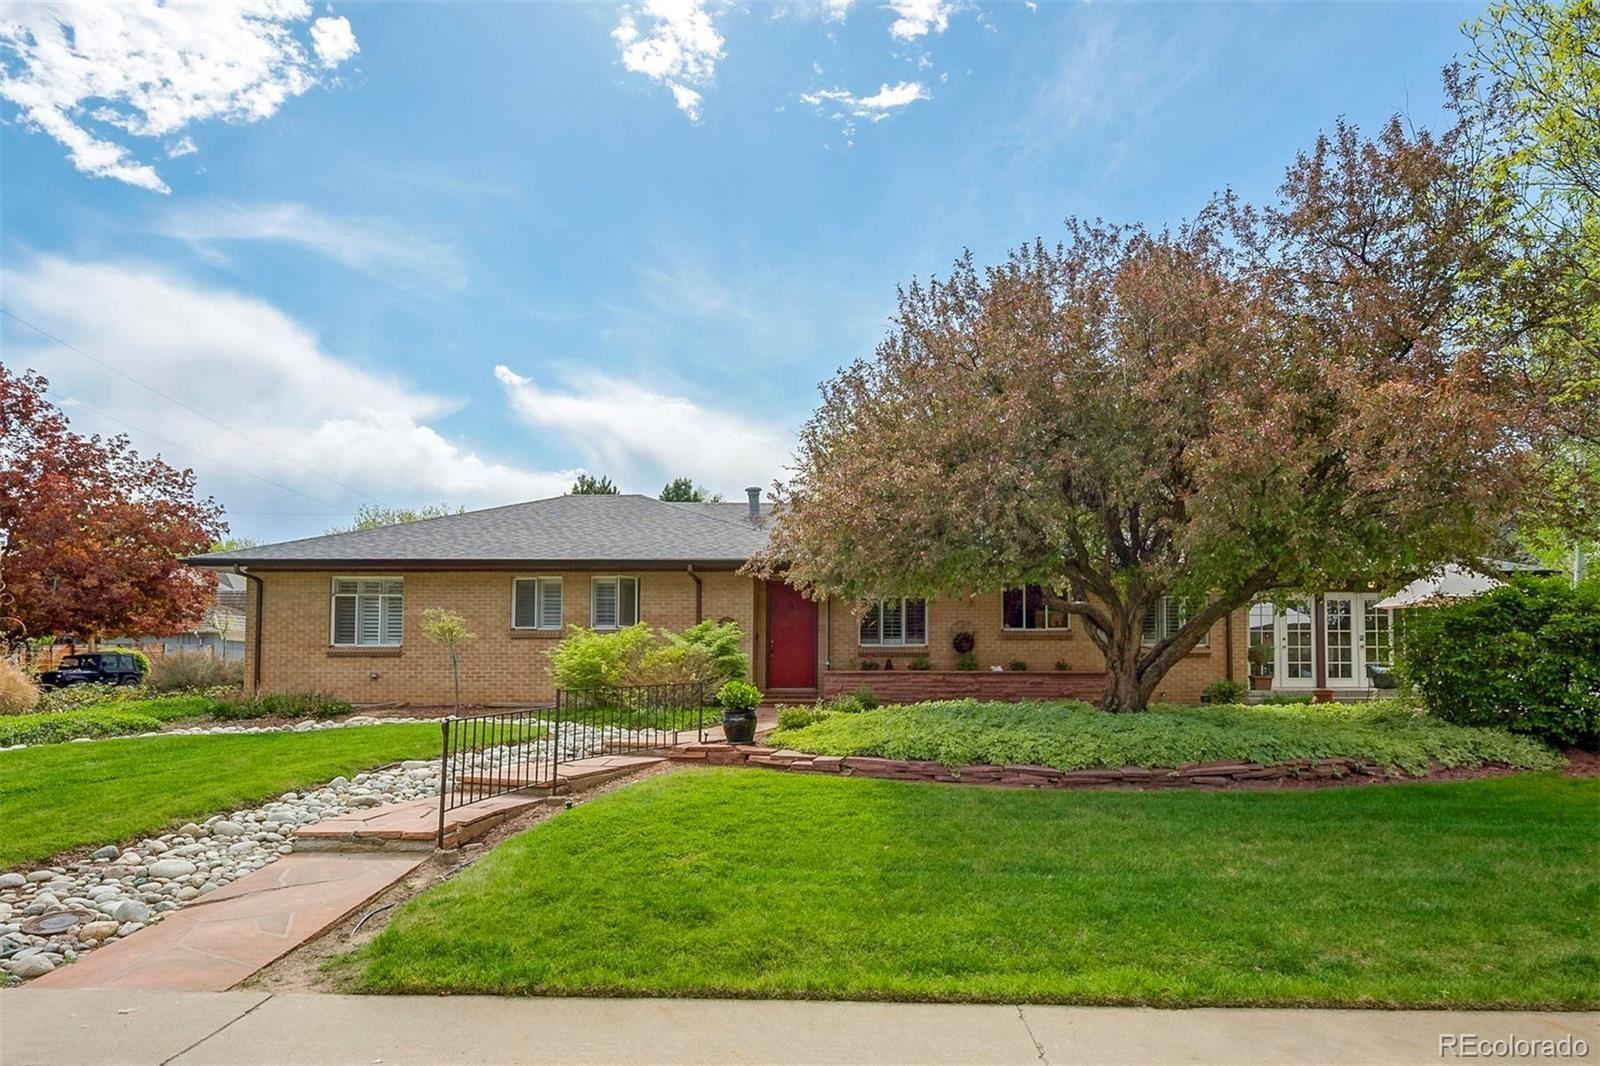 995 S Garfield Street, Denver, CO 80209 - #: 8484290